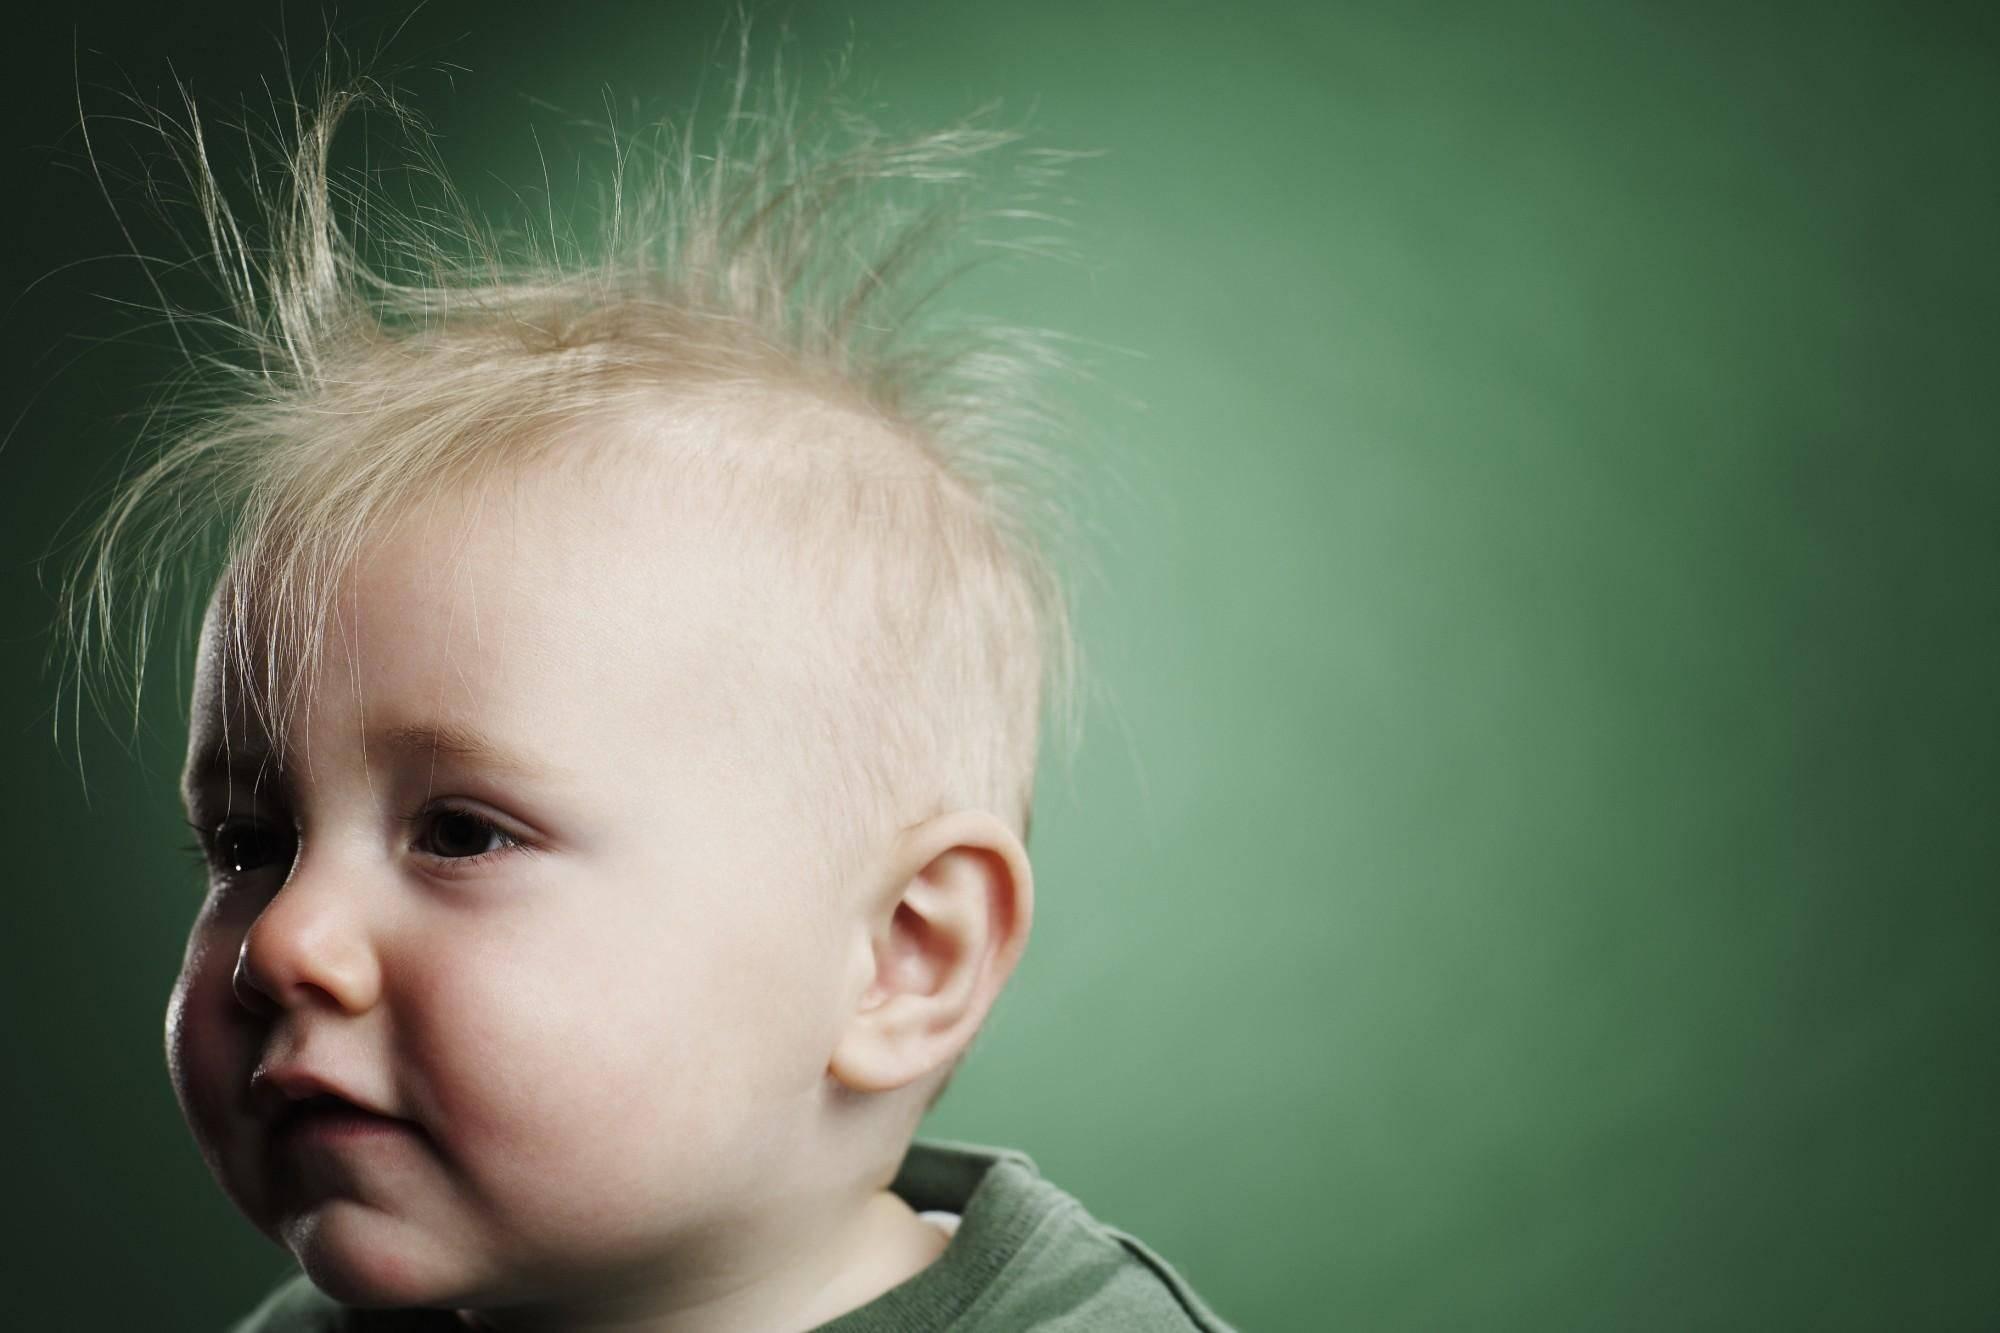 Причины облысения затылка младенца: почему стираются волосы у новорожденного